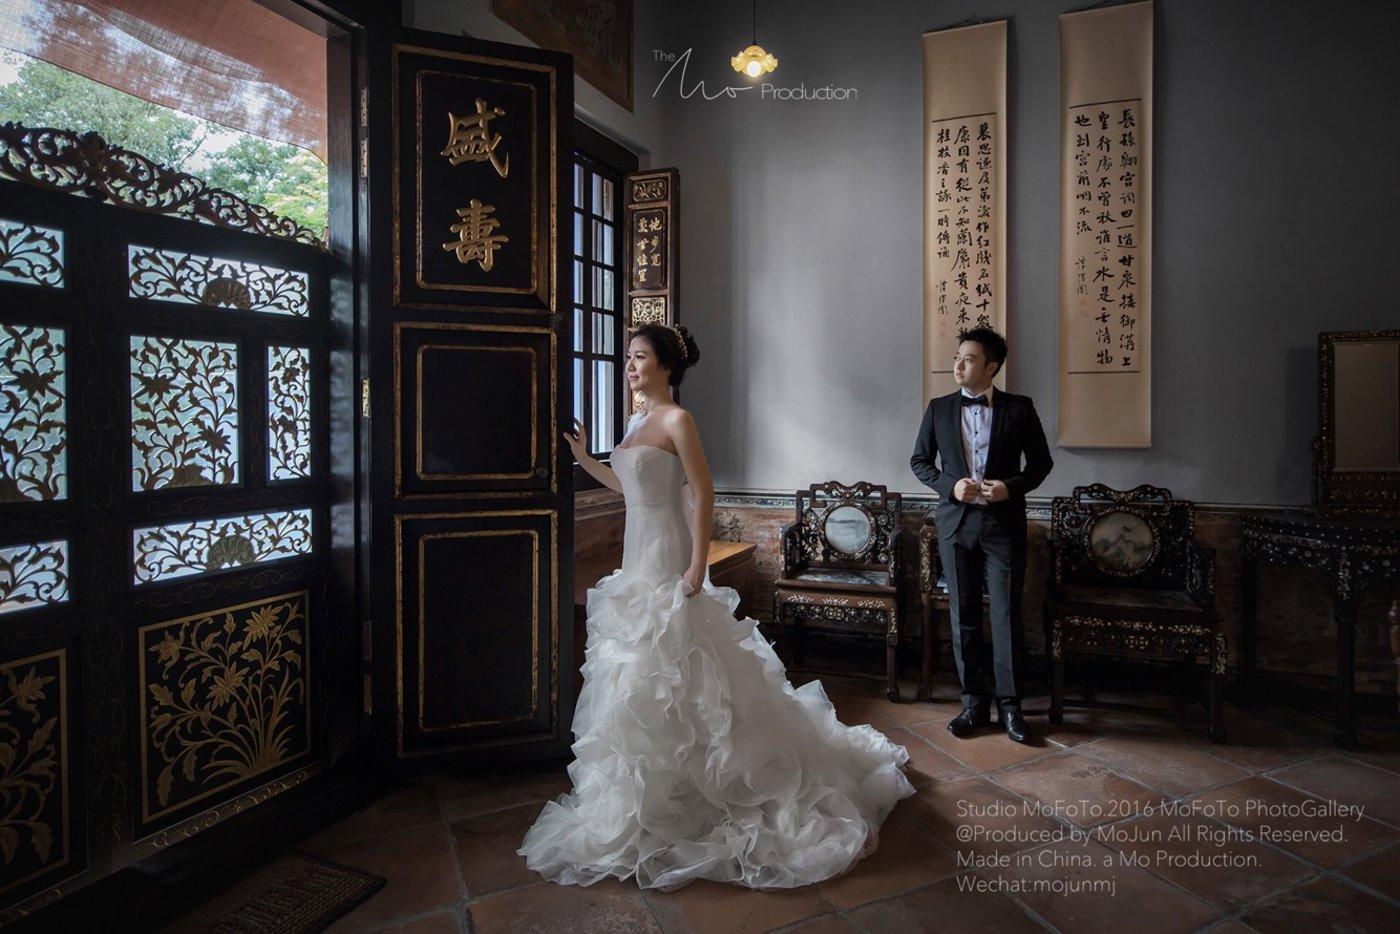 Mofoto 婚纱旅拍 新加坡7